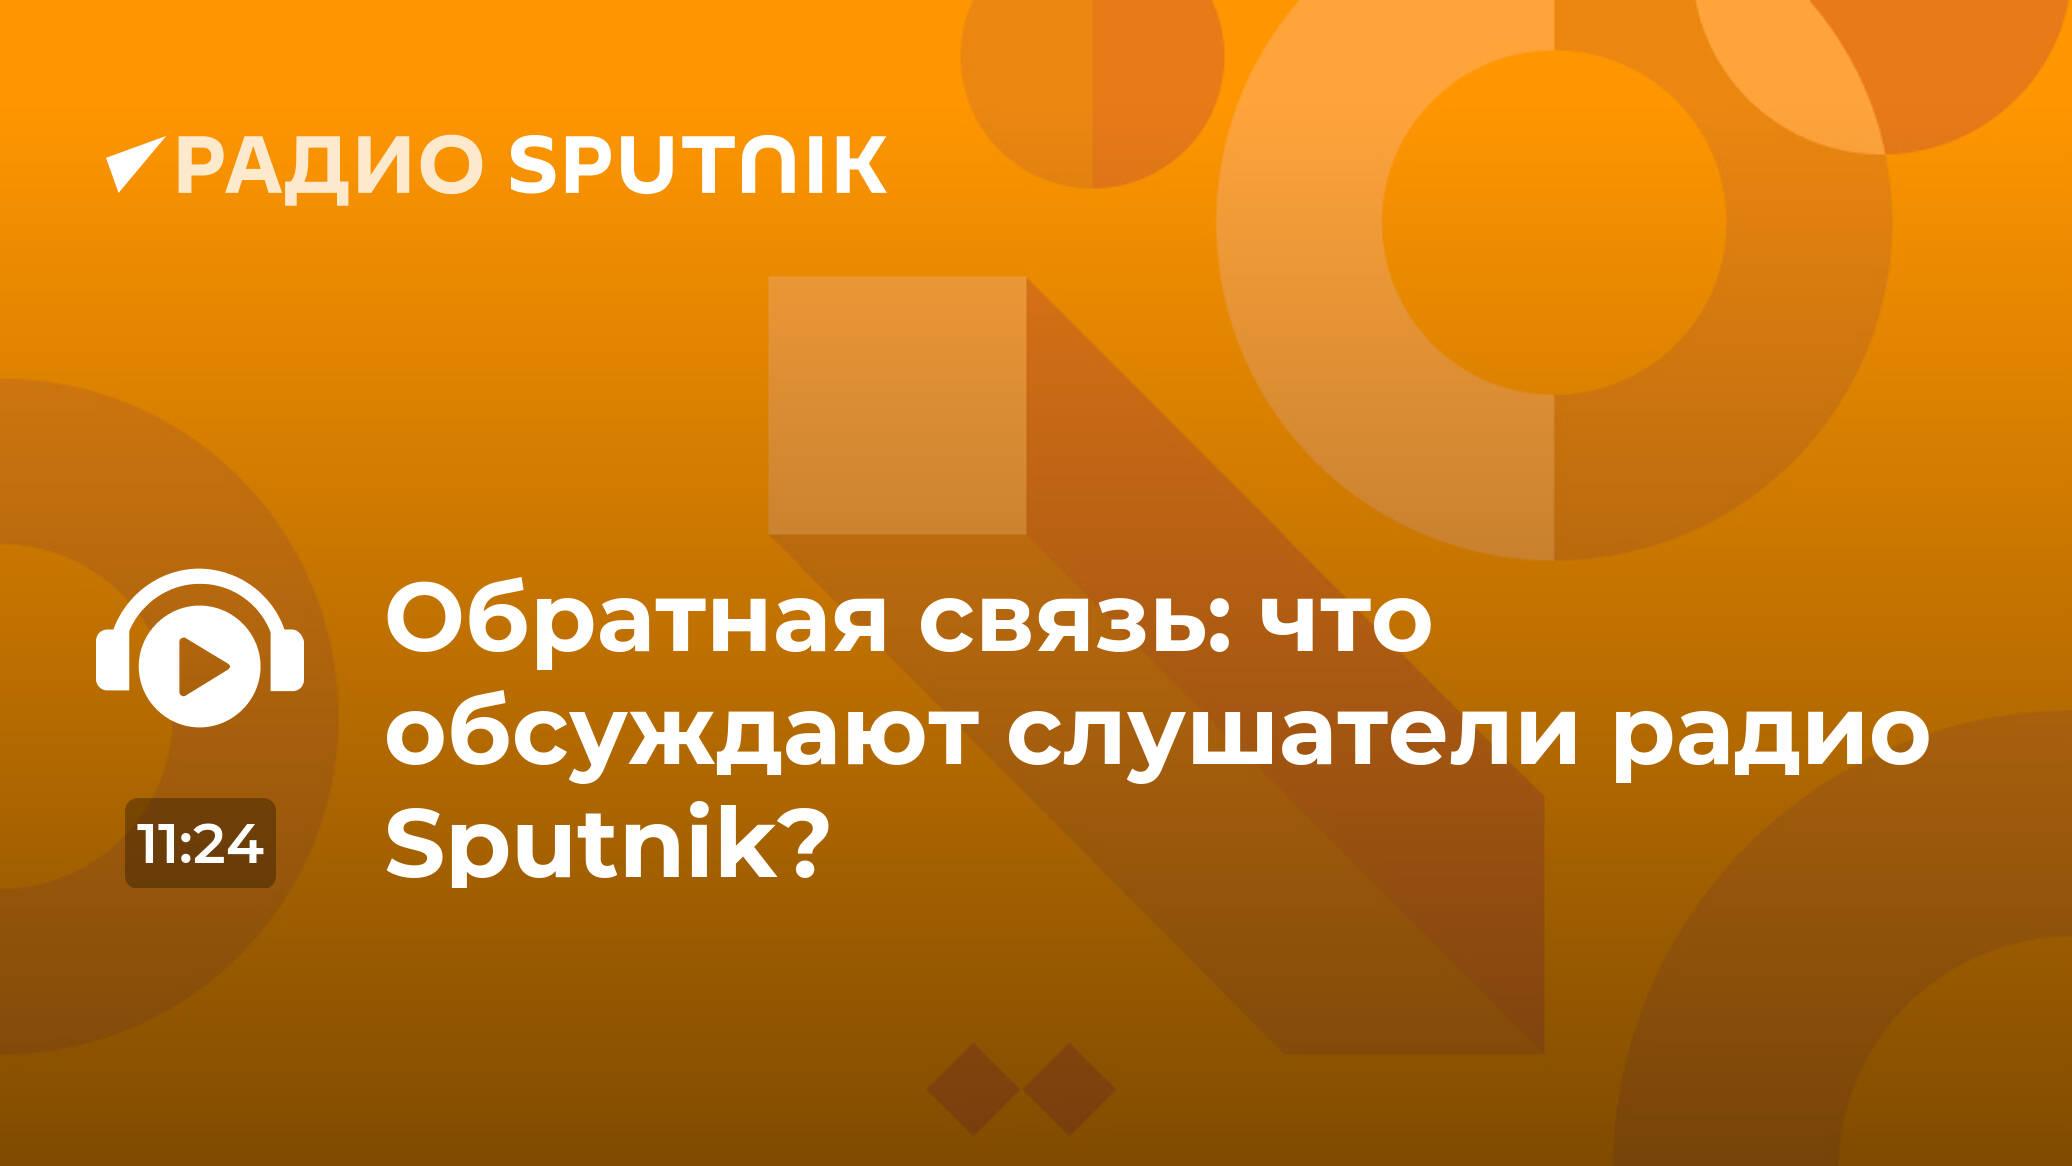 Обратная связь: что обсуждают слушатели радио Sputnik? - Радио ...